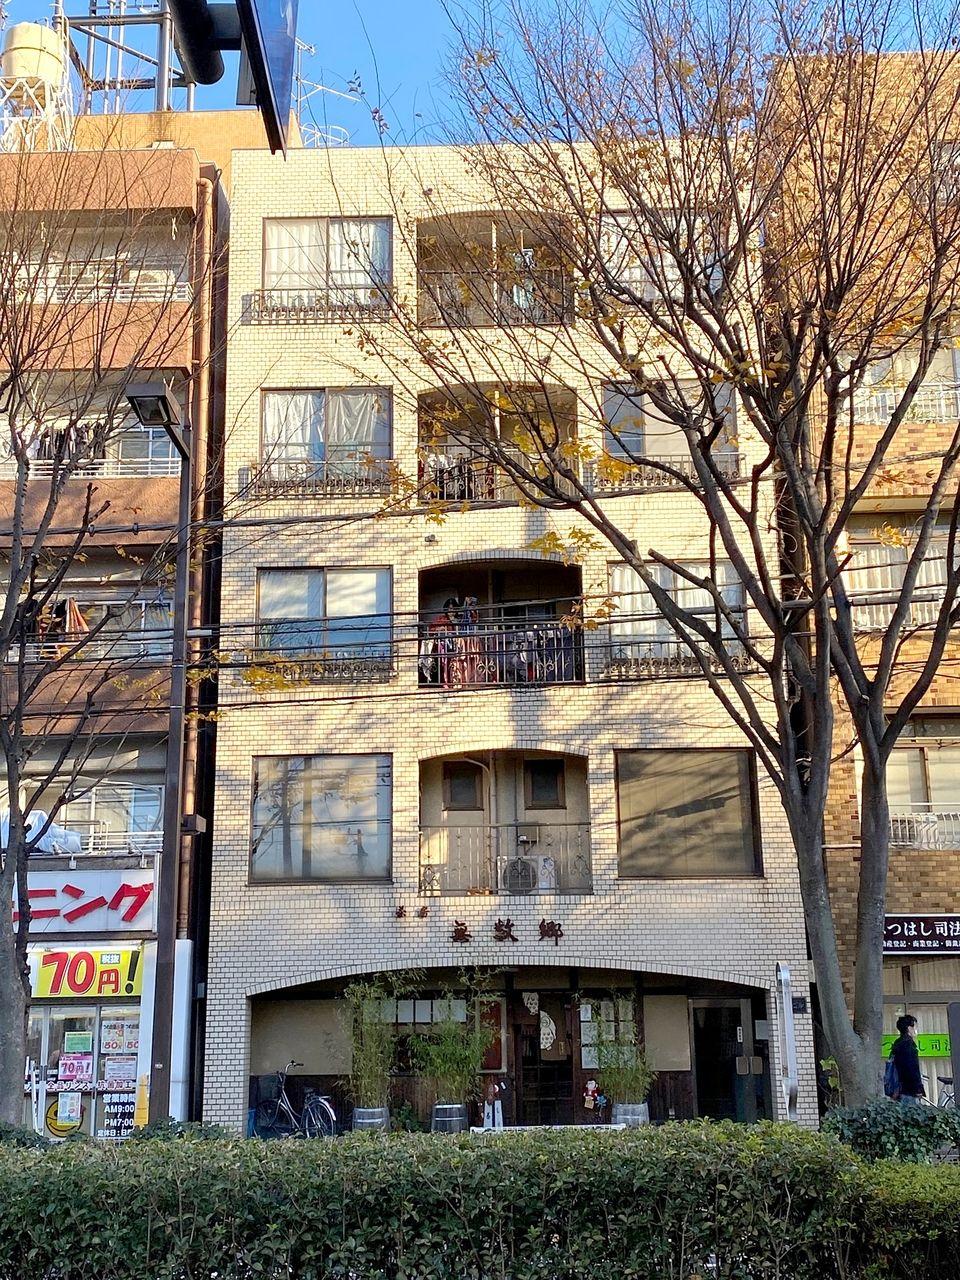 池袋駅徒歩12分と通勤通学に便利な賃貸マンション 渡辺ビル4-A号室です。窓の大きな明るいお部屋です。敷金0礼金0で初期費用抑え目!外国籍の方等ご入居相談可能です